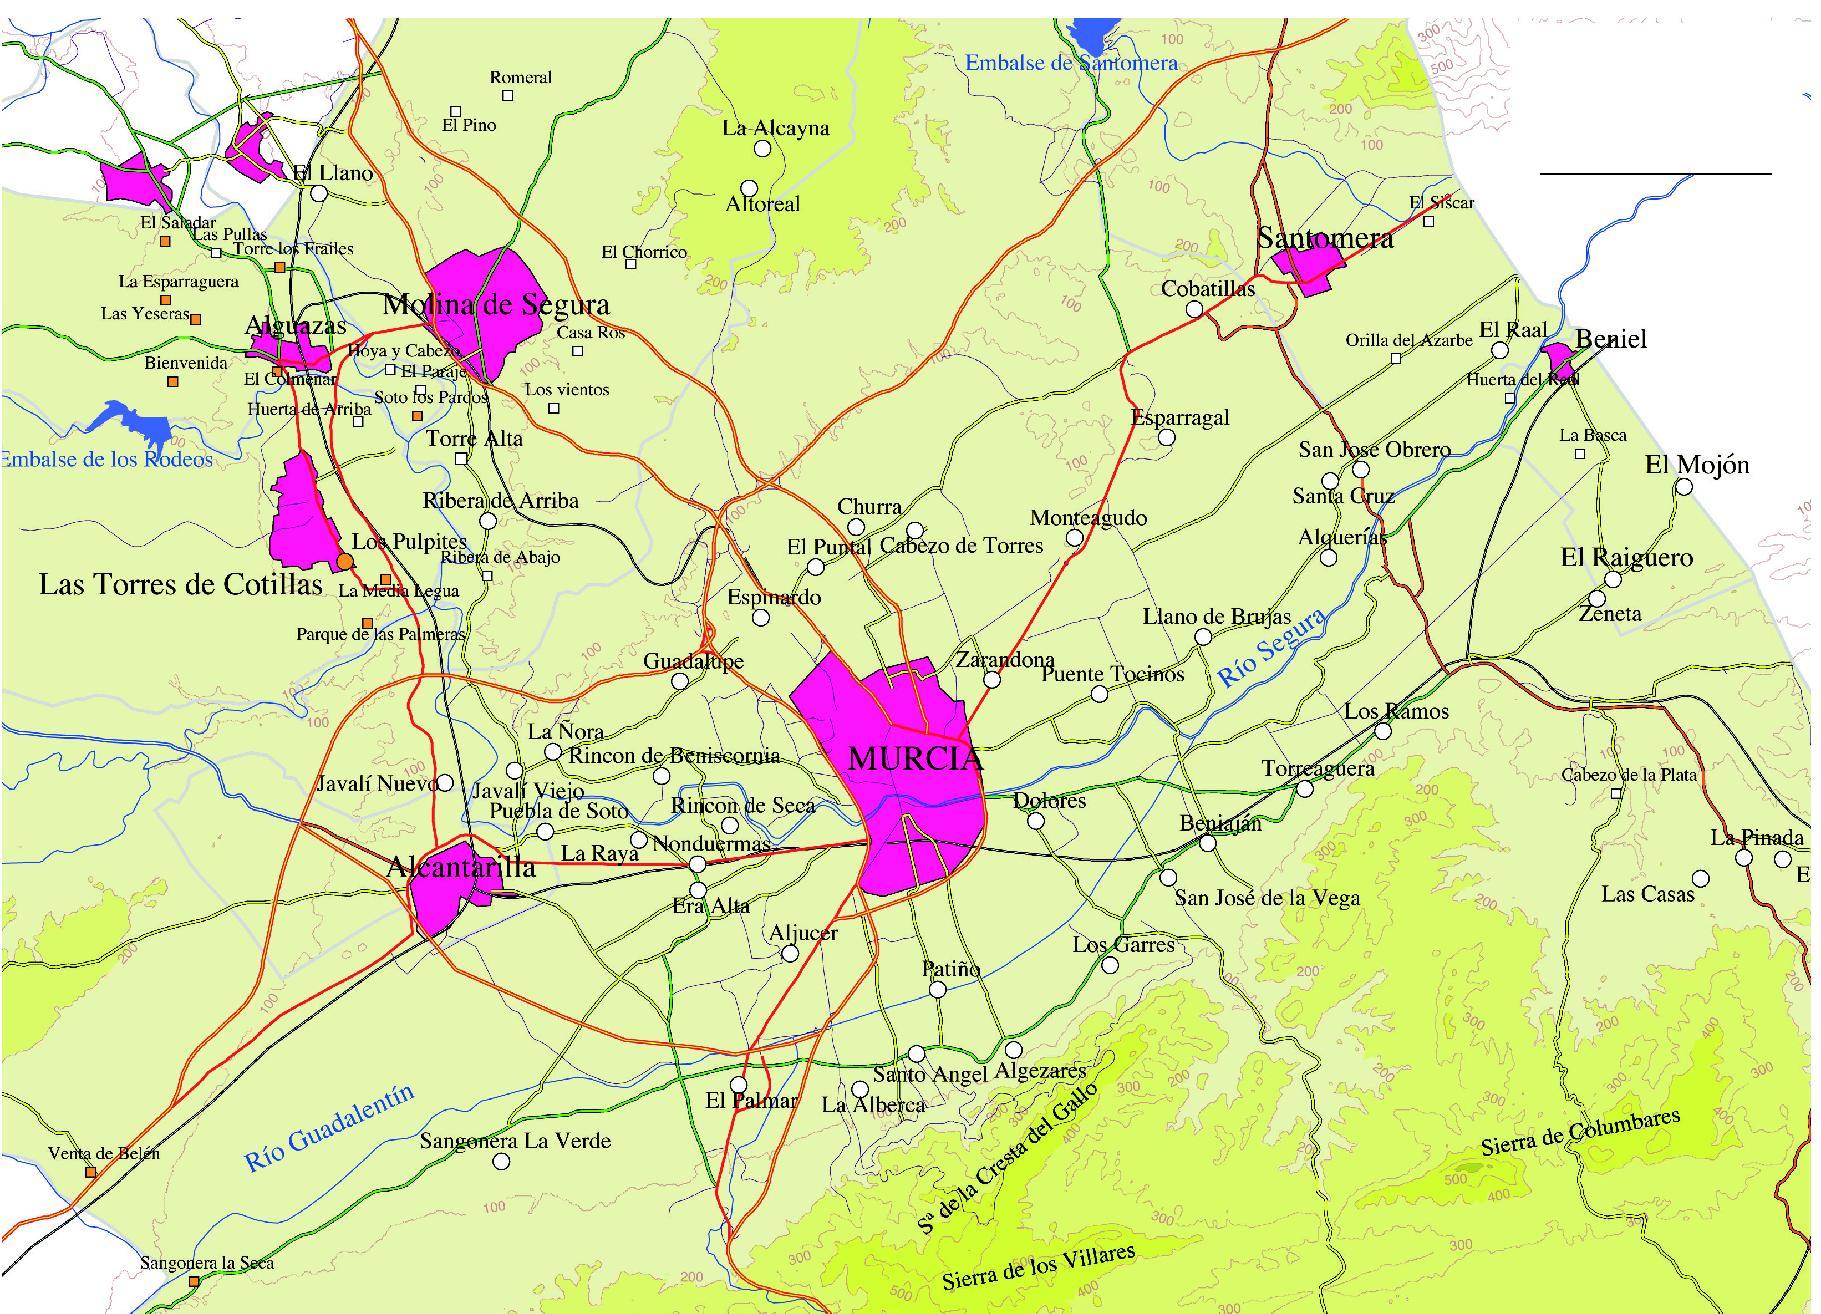 Metropolitan Area of Murcia